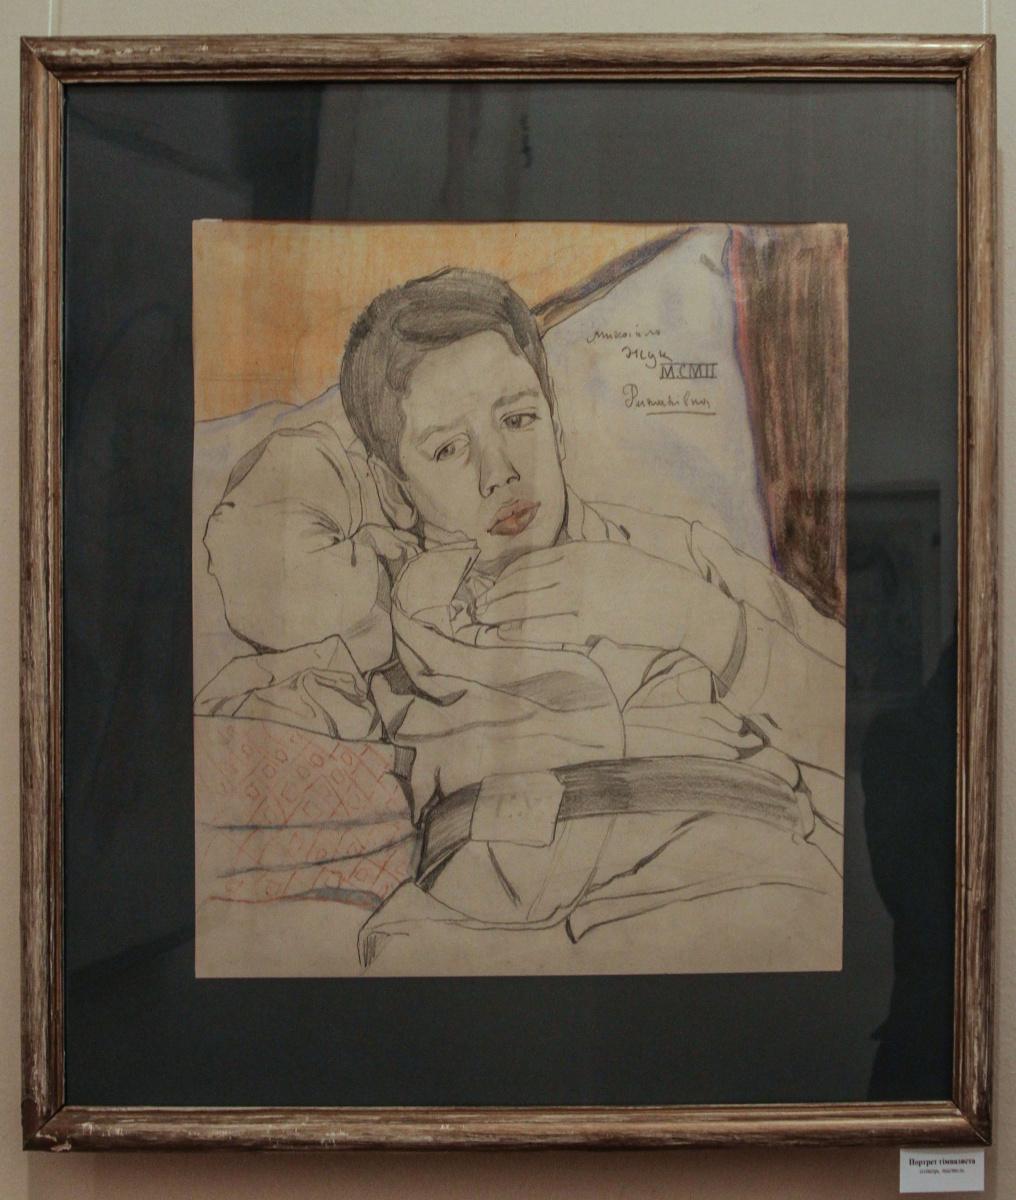 Mikhail Ivanovich the Beetle. Schoolboy portrait